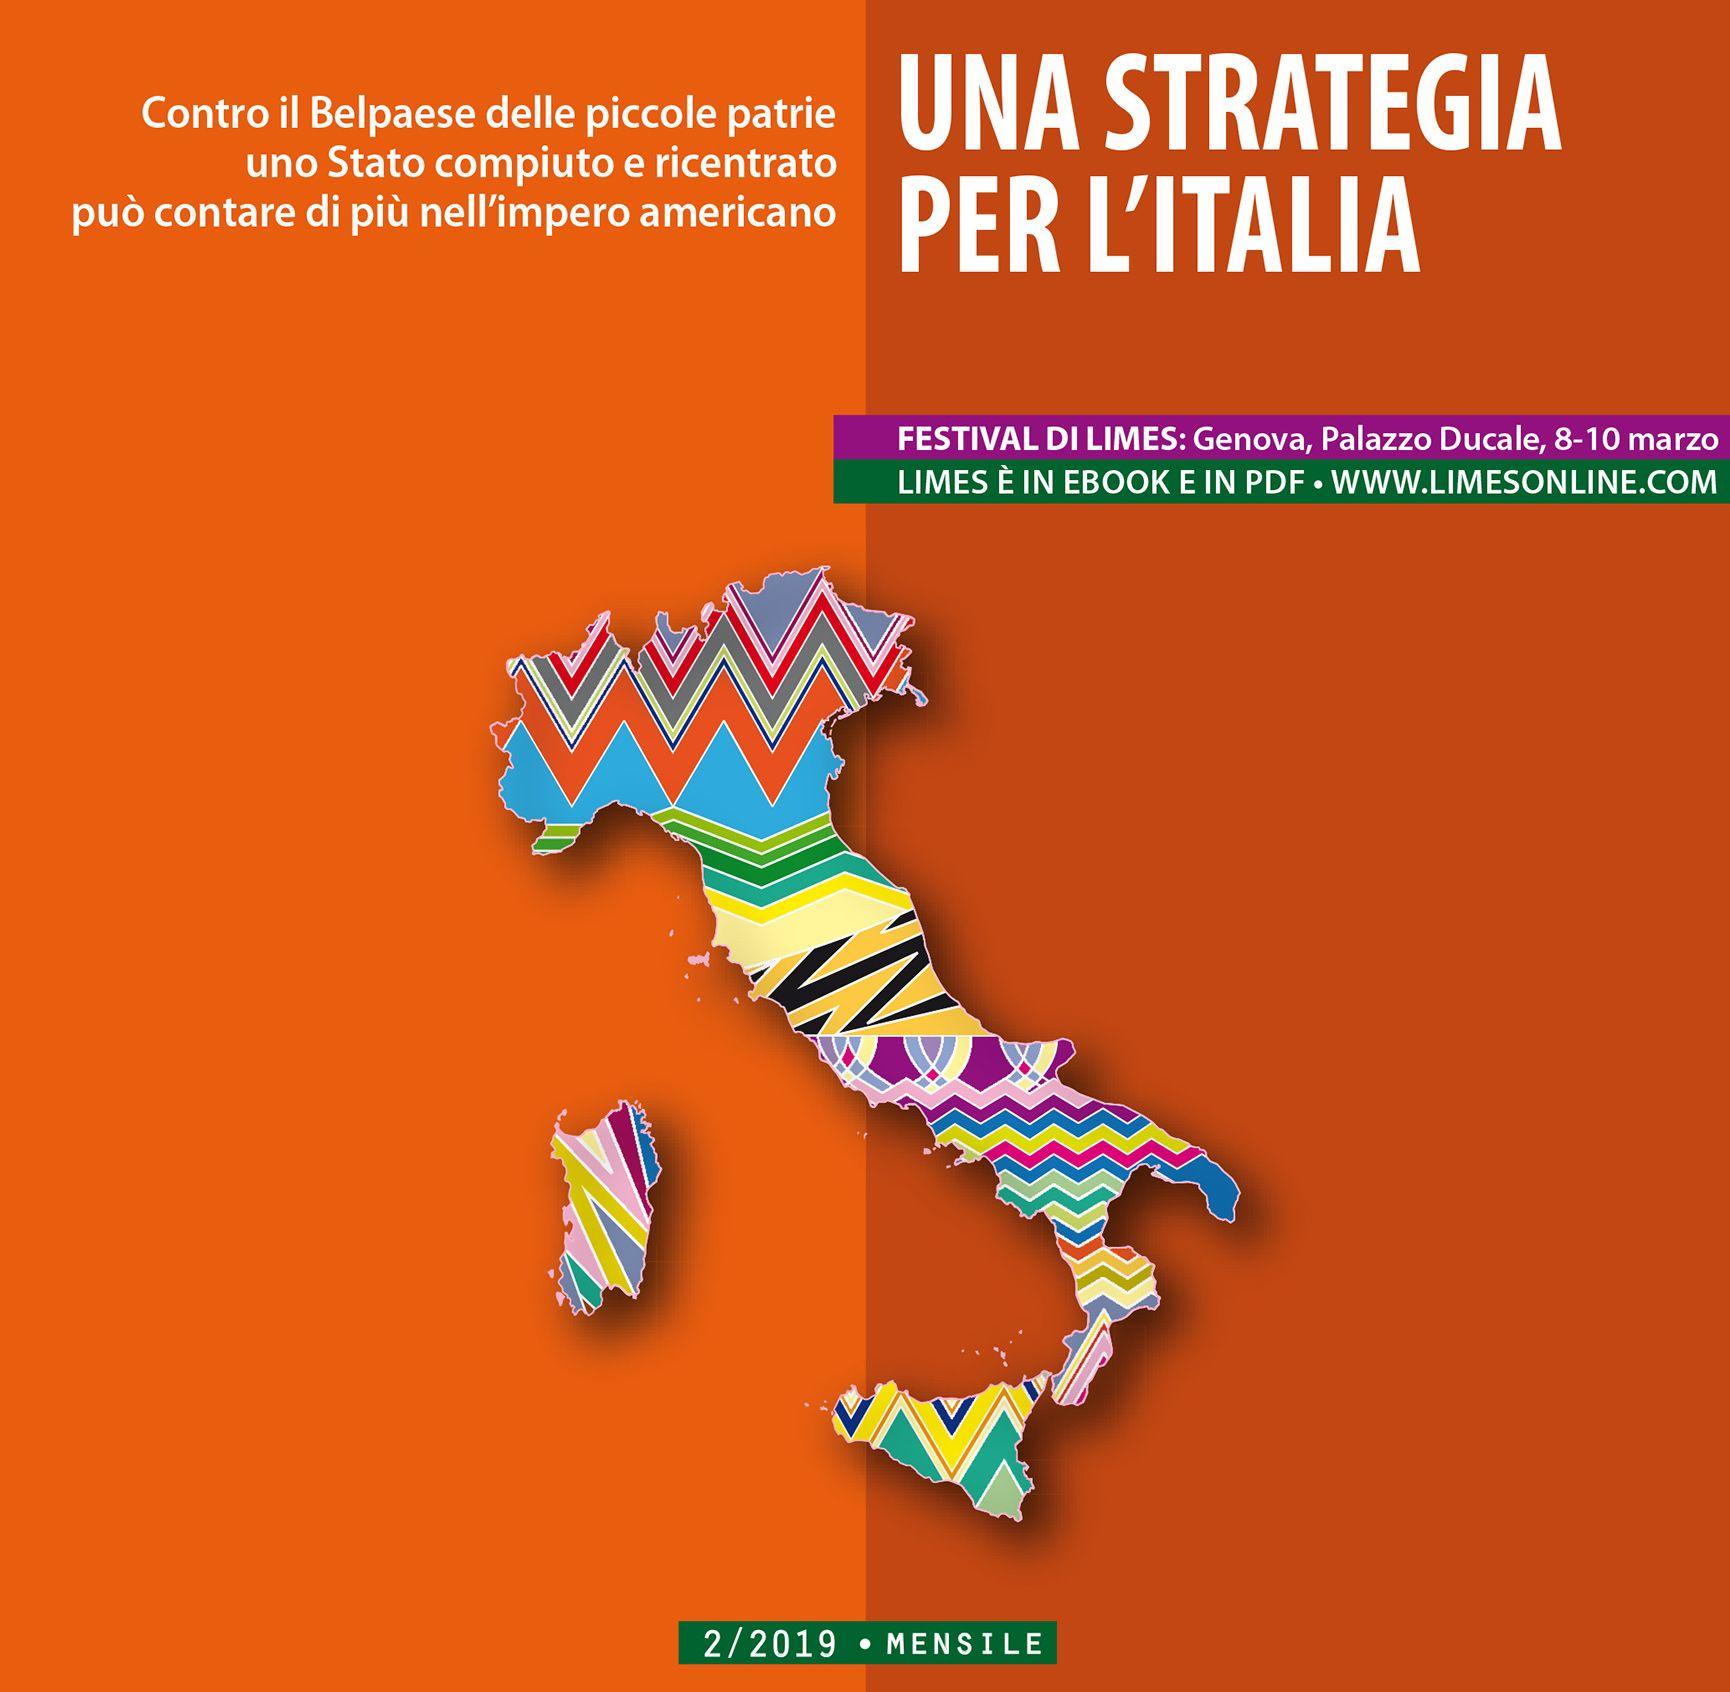 Dettaglio della copertina a cura di Laura Canali.